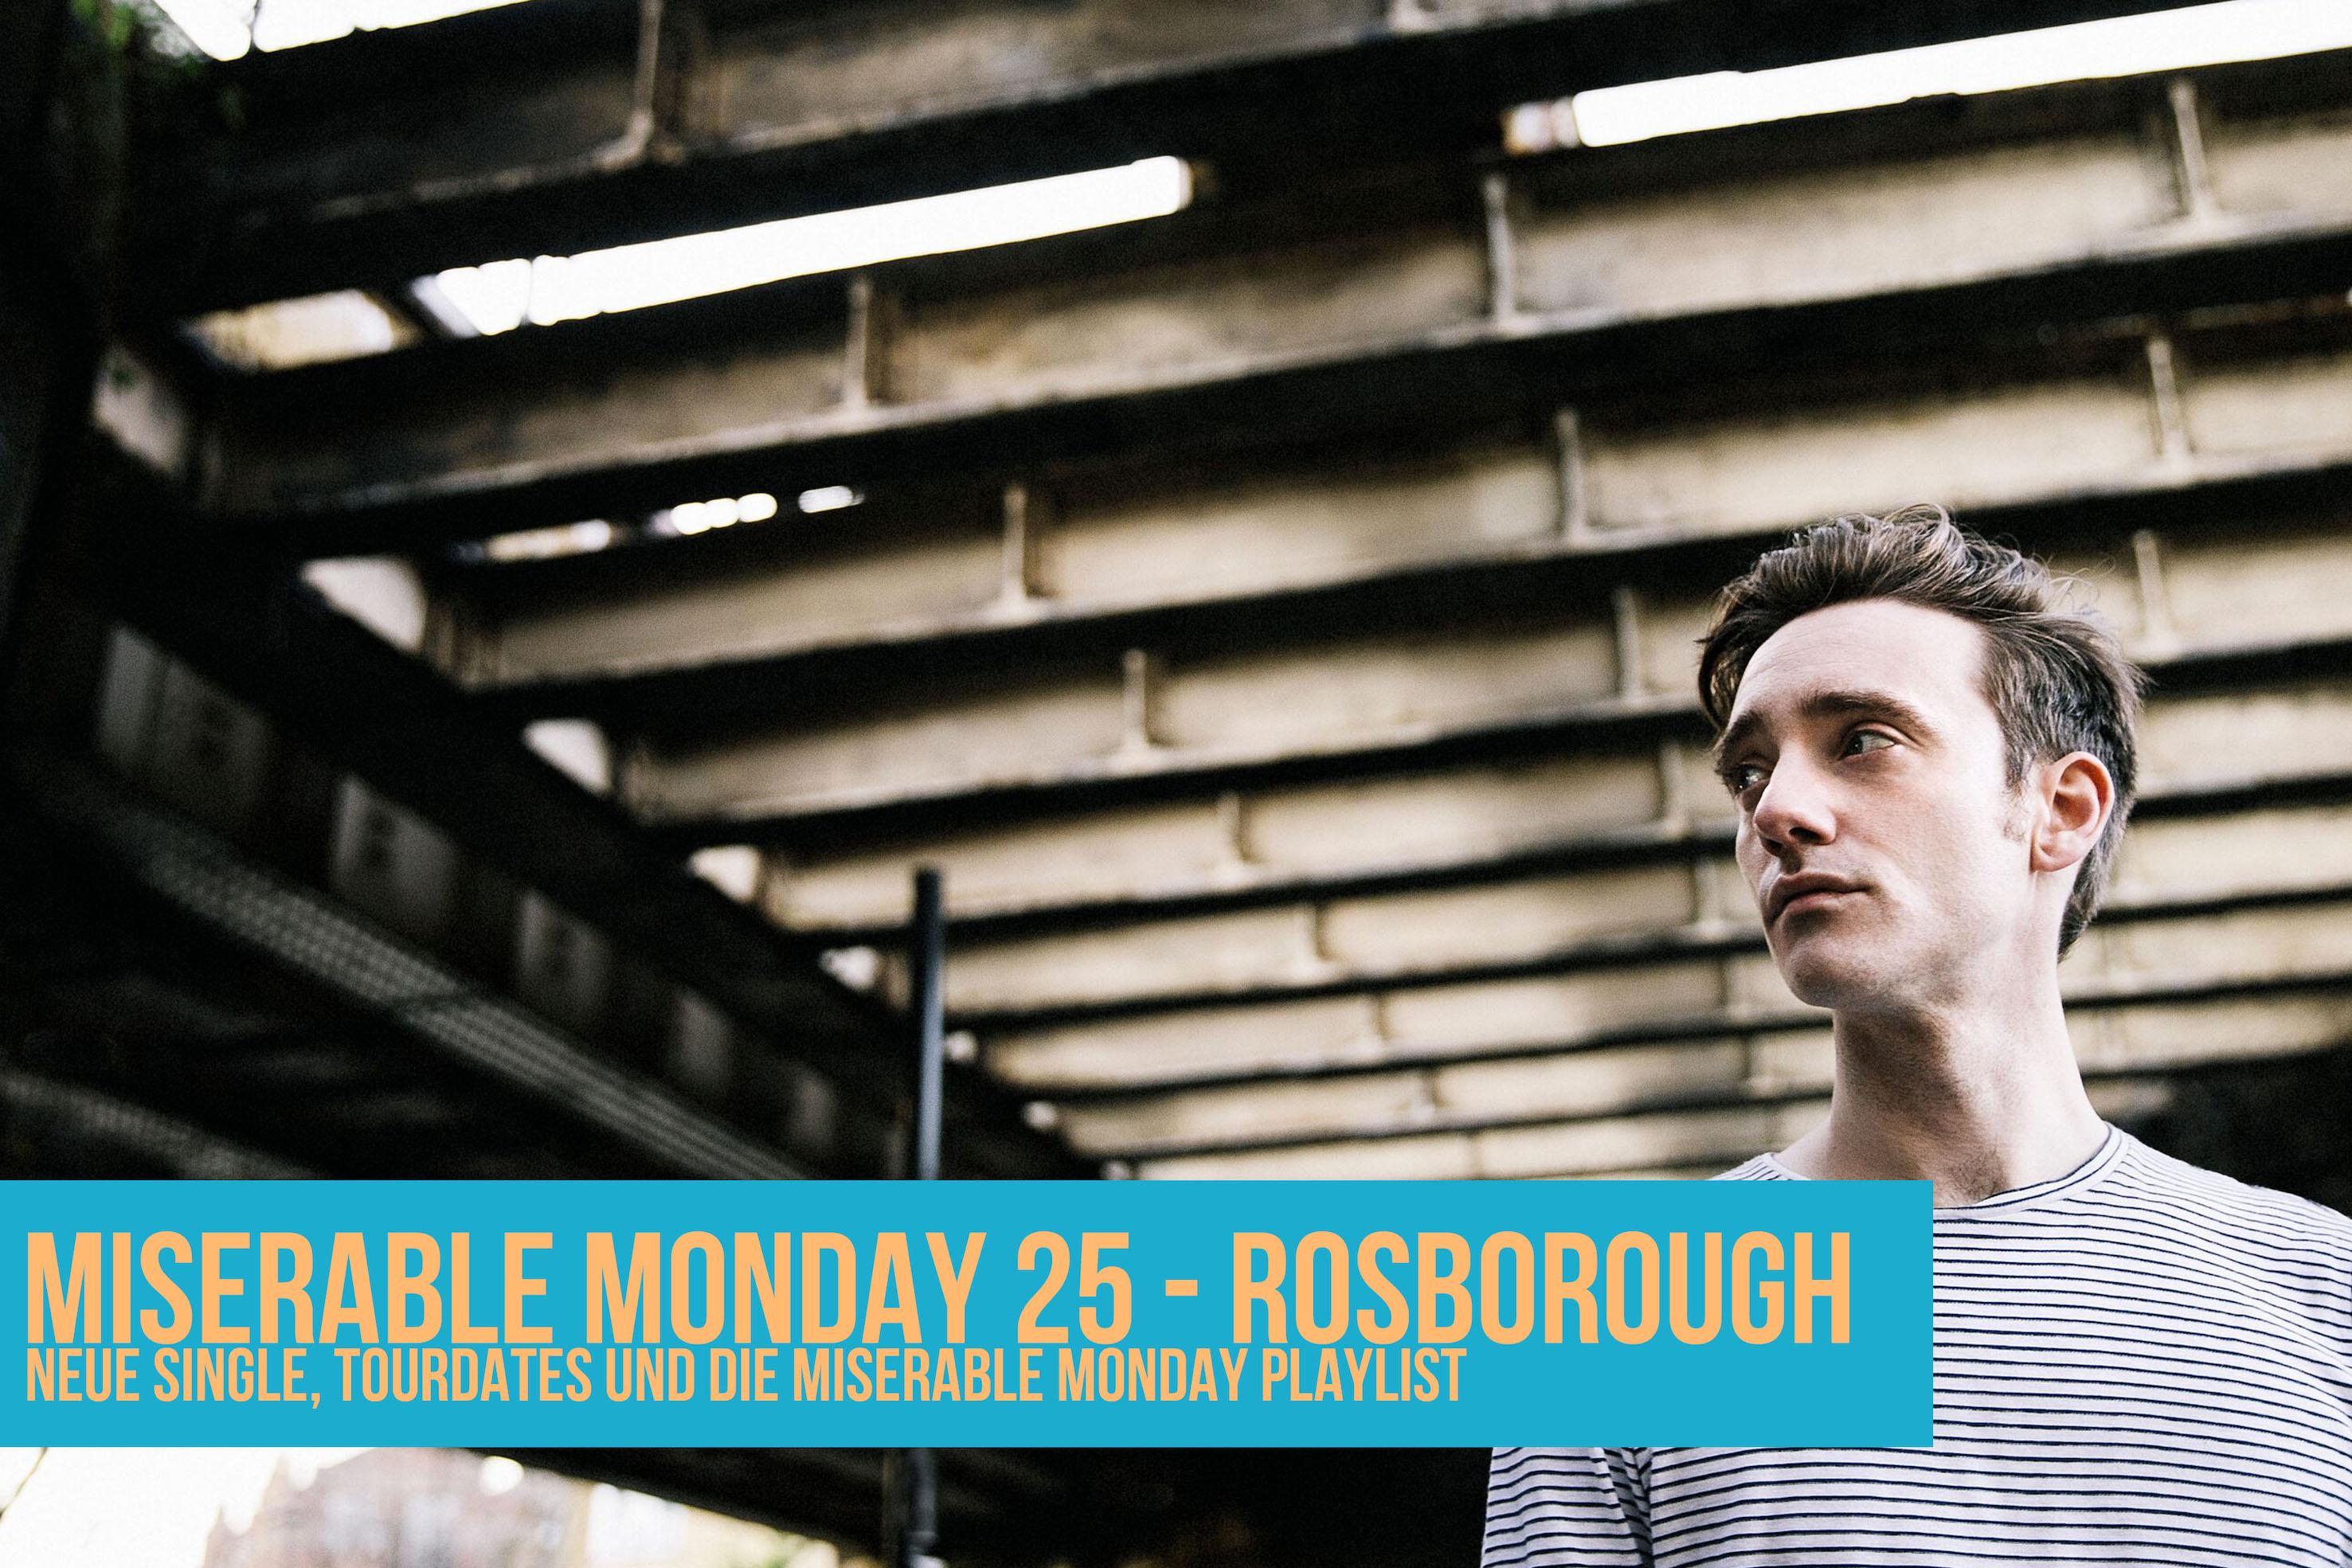 025 - Rosborough